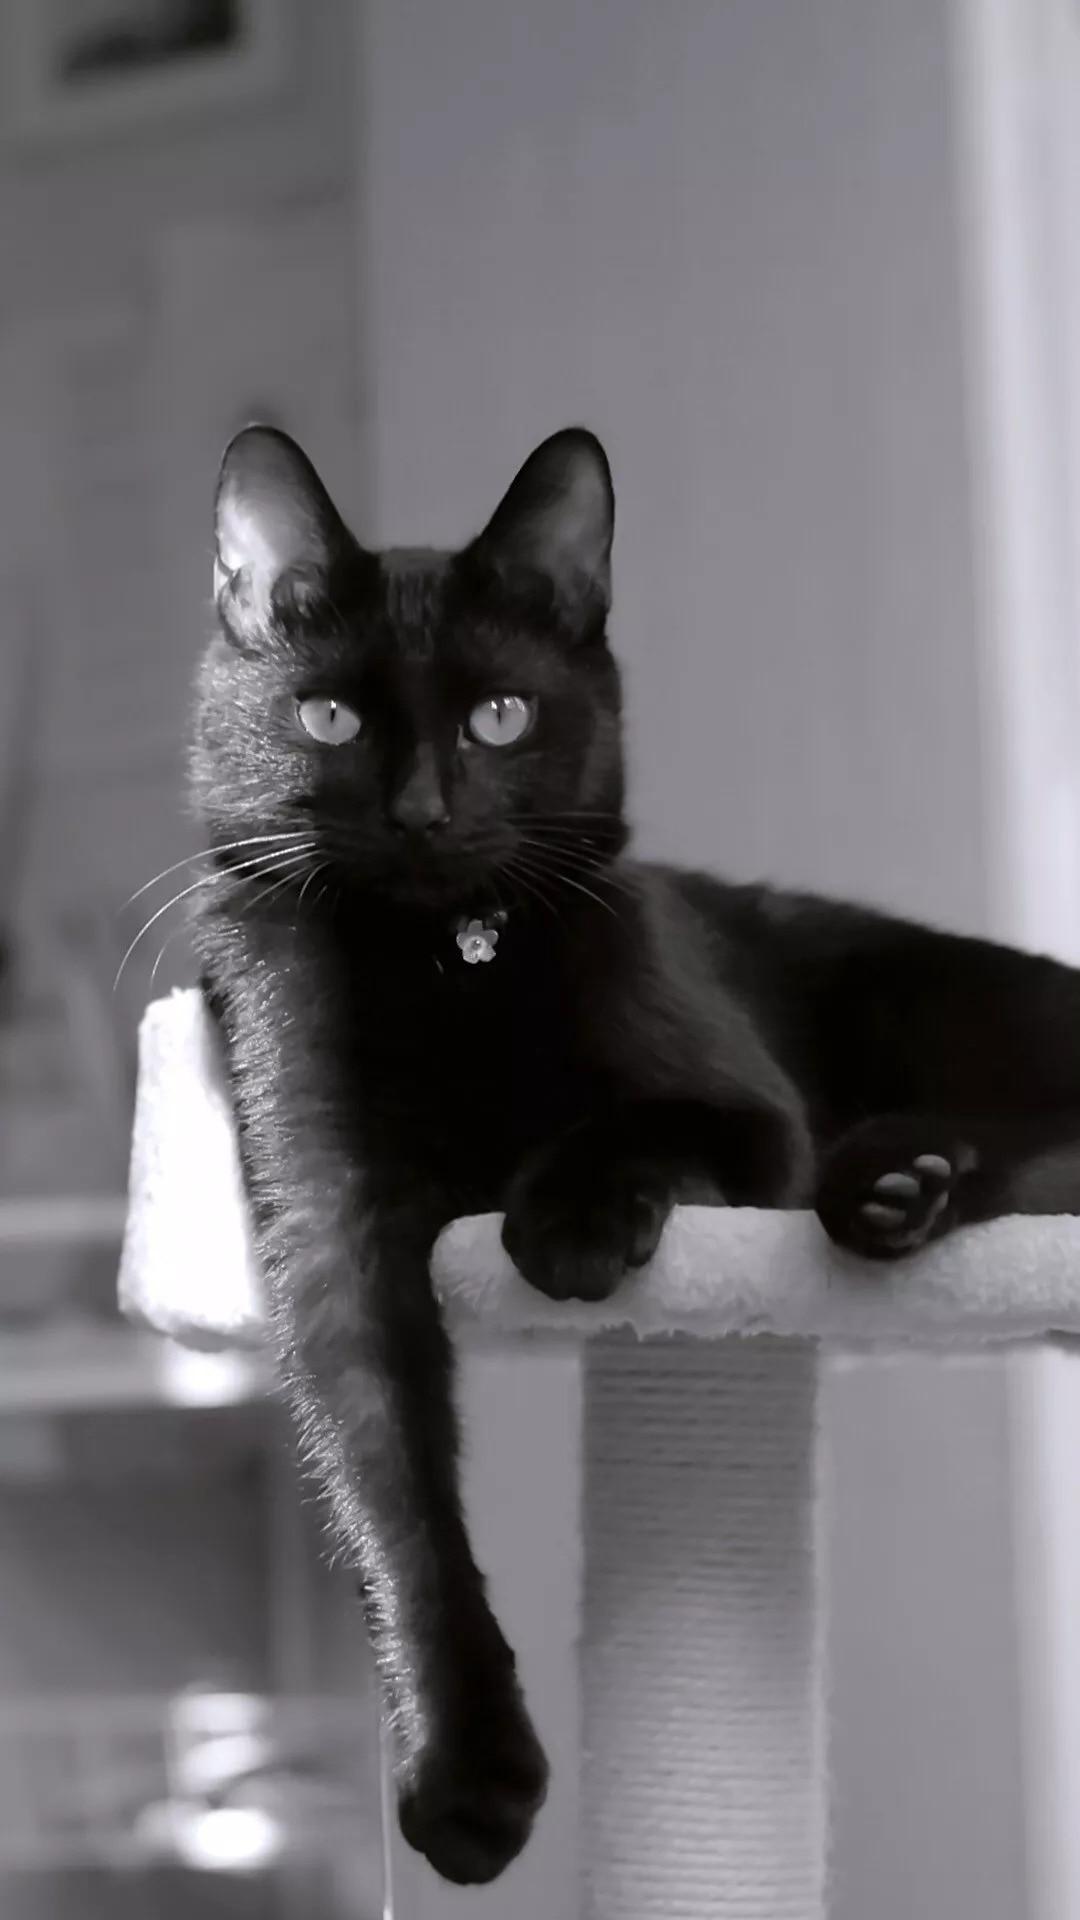 猫片壁纸:猫咪(黑猫图片)插图9